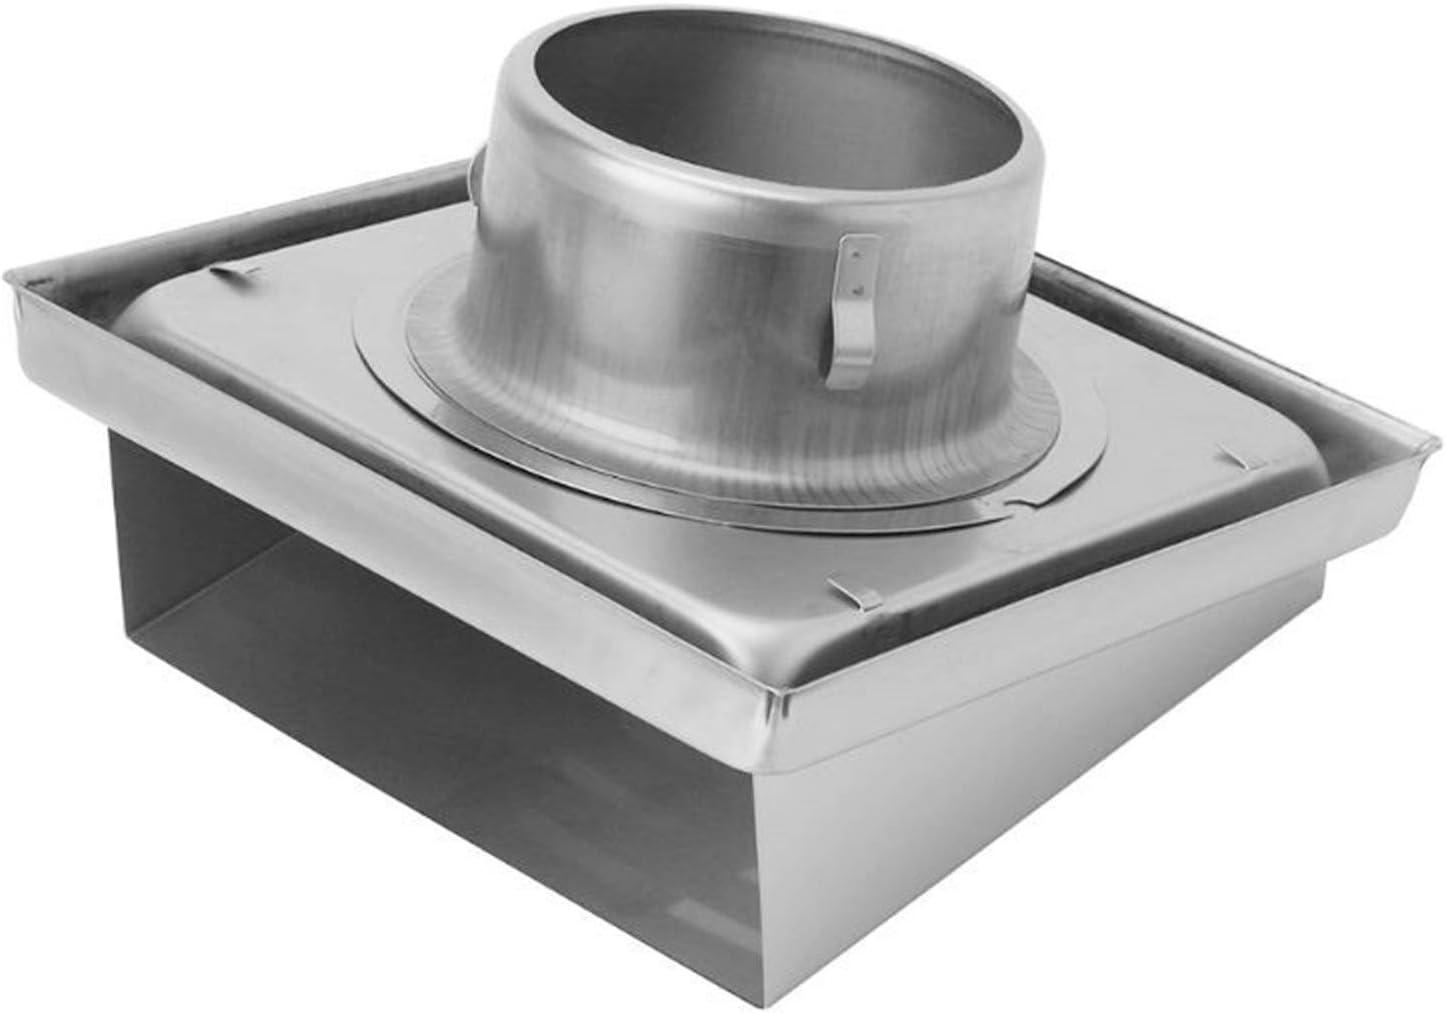 Yuhong-Vents Aire de la Pared de la Rejilla, difusor conductos de ventilación de la Cubierta, Extractor de Salida lumbreras Pared Lateral y Techo (Color : 1.25)